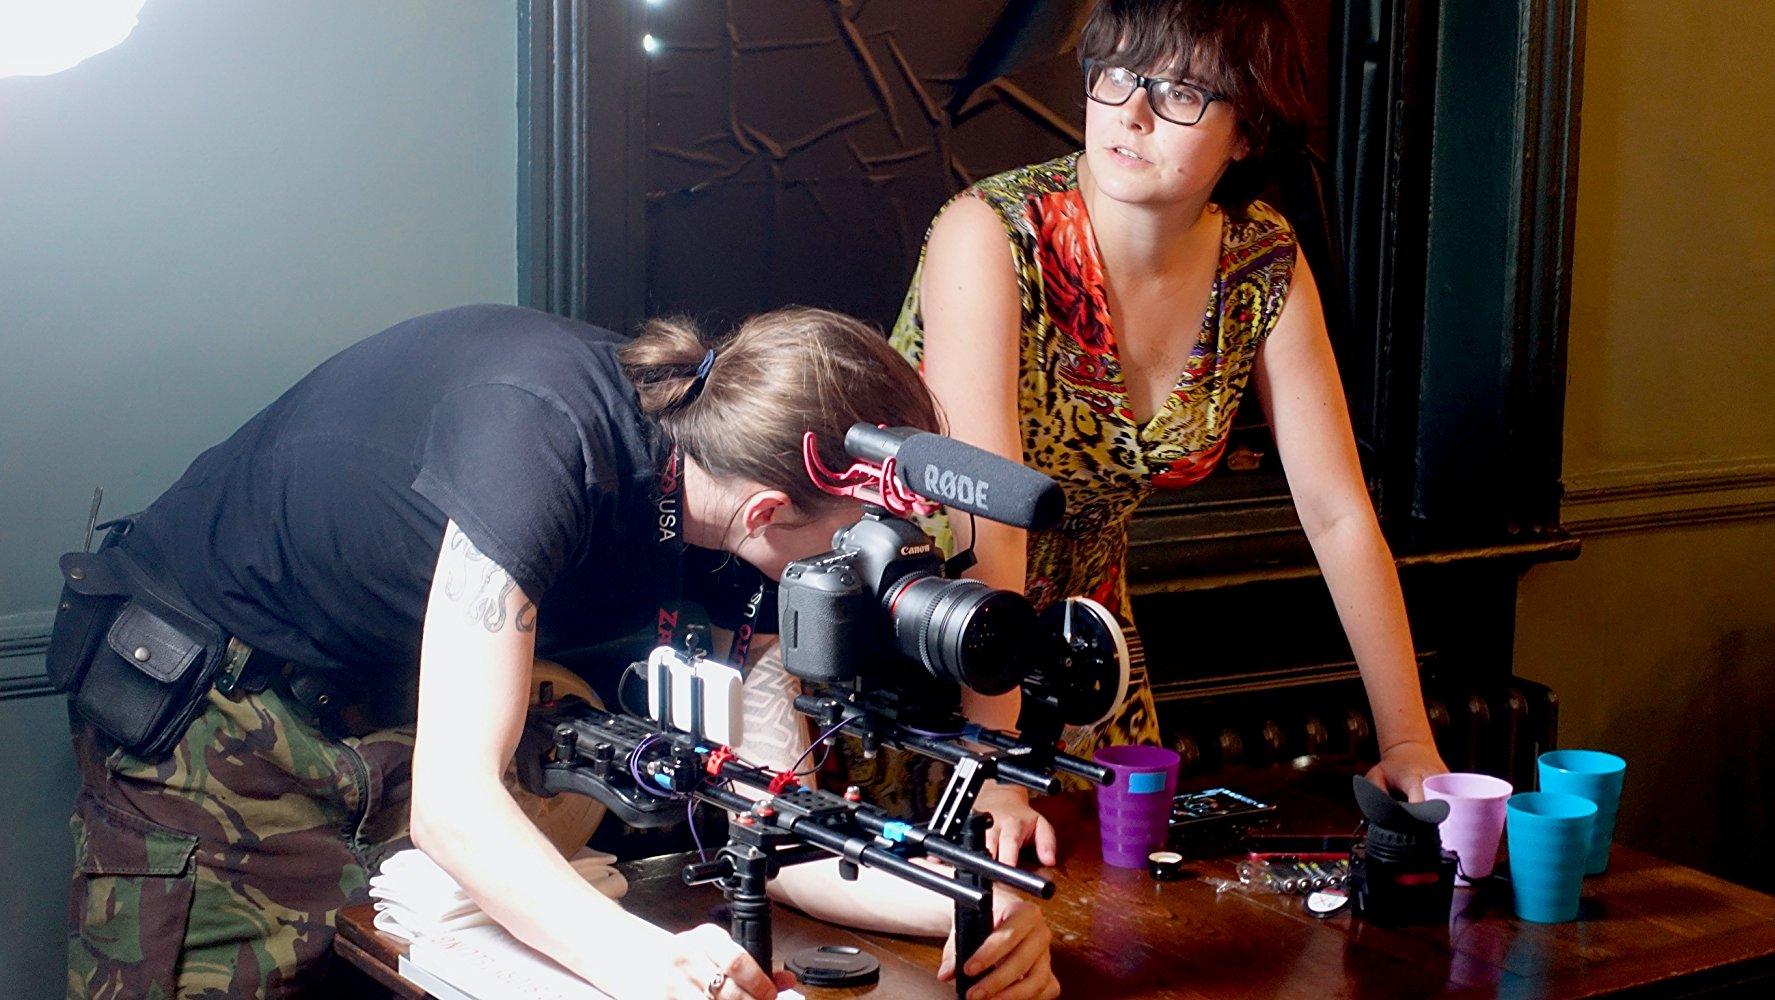 On the set of Egomaniac